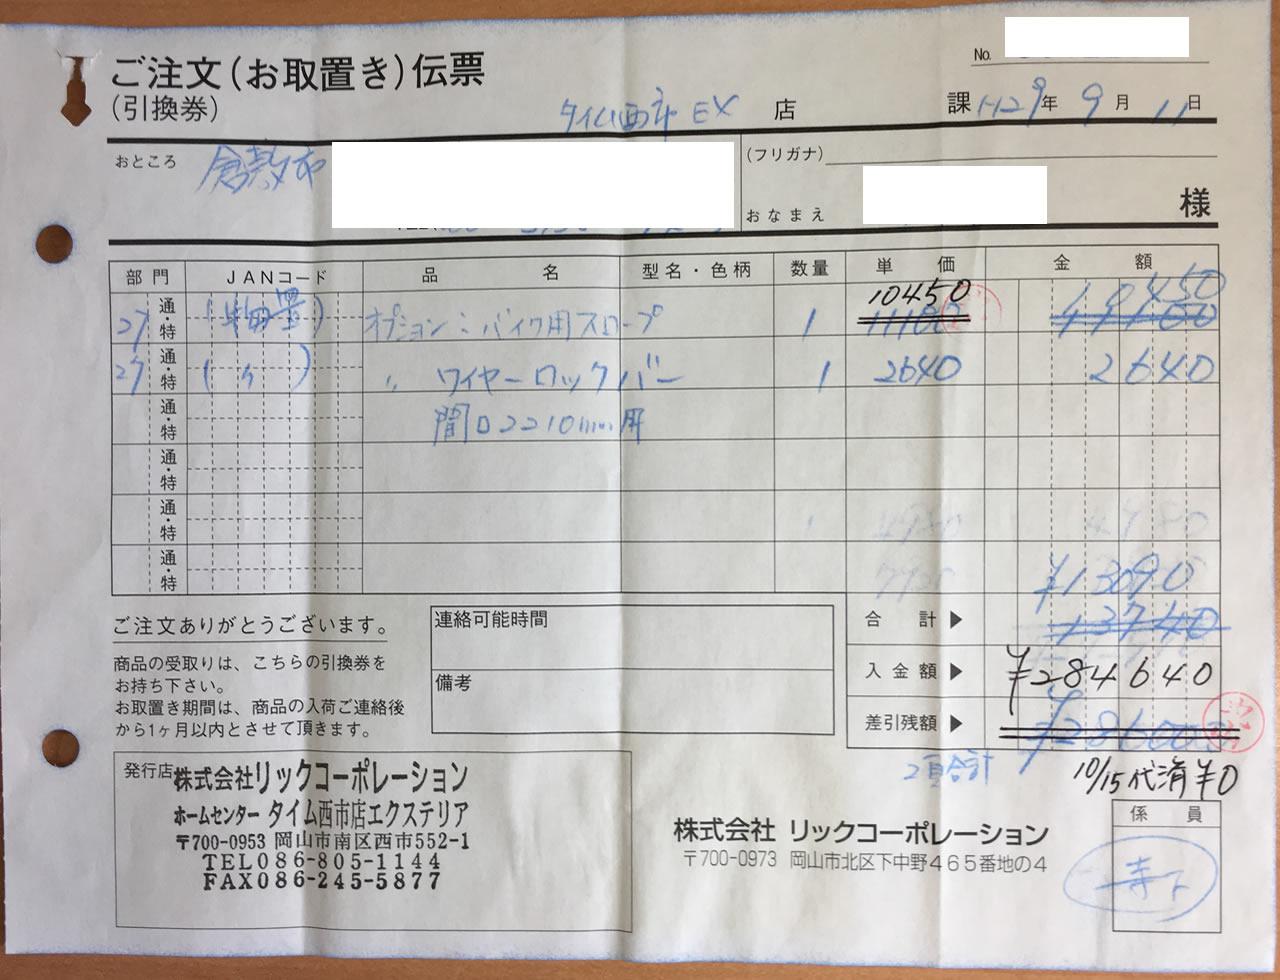 イナバ・バイク保管庫(FXN-2230HY)の請求書2枚目